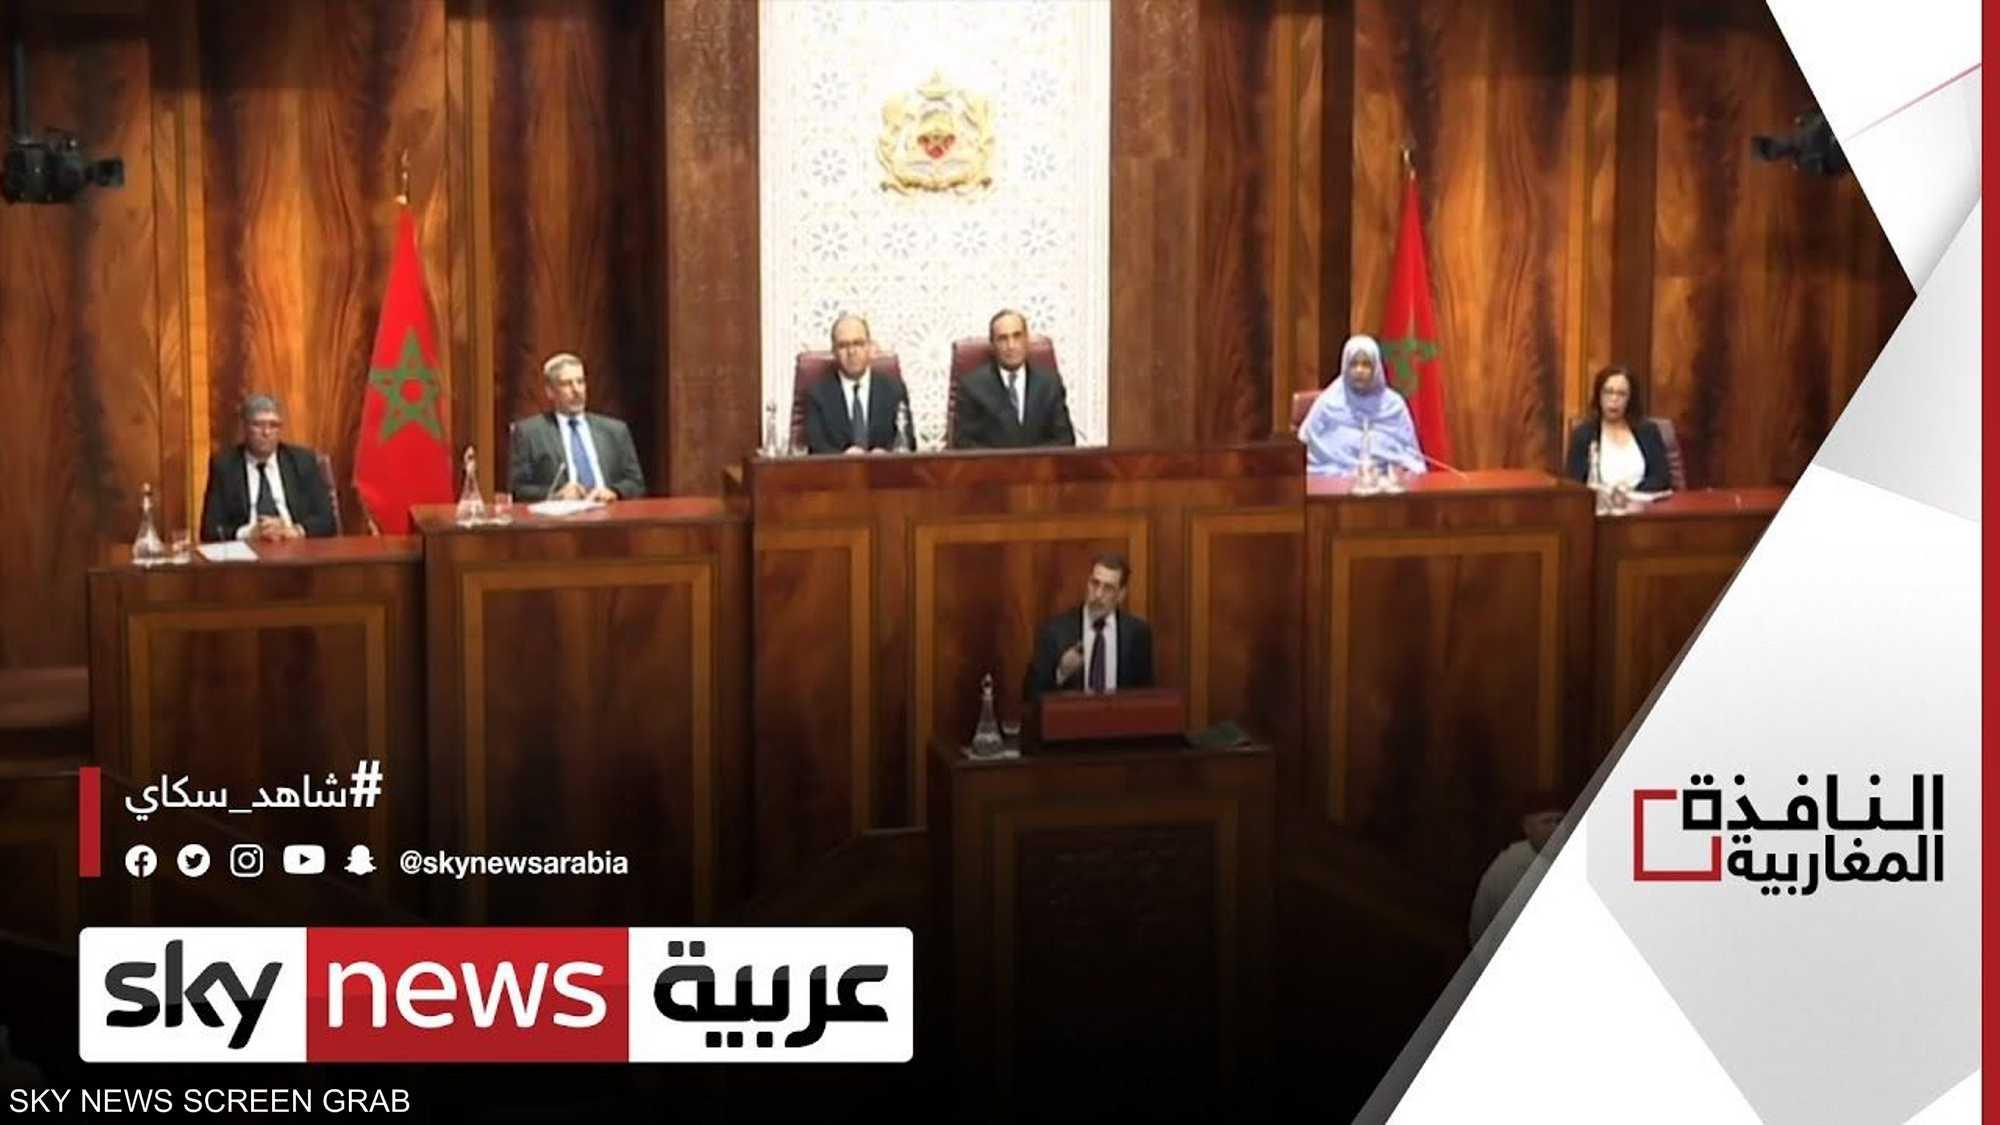 توجه لفرض ضرائب في المغرب على المؤثرين في شبكات التواصل